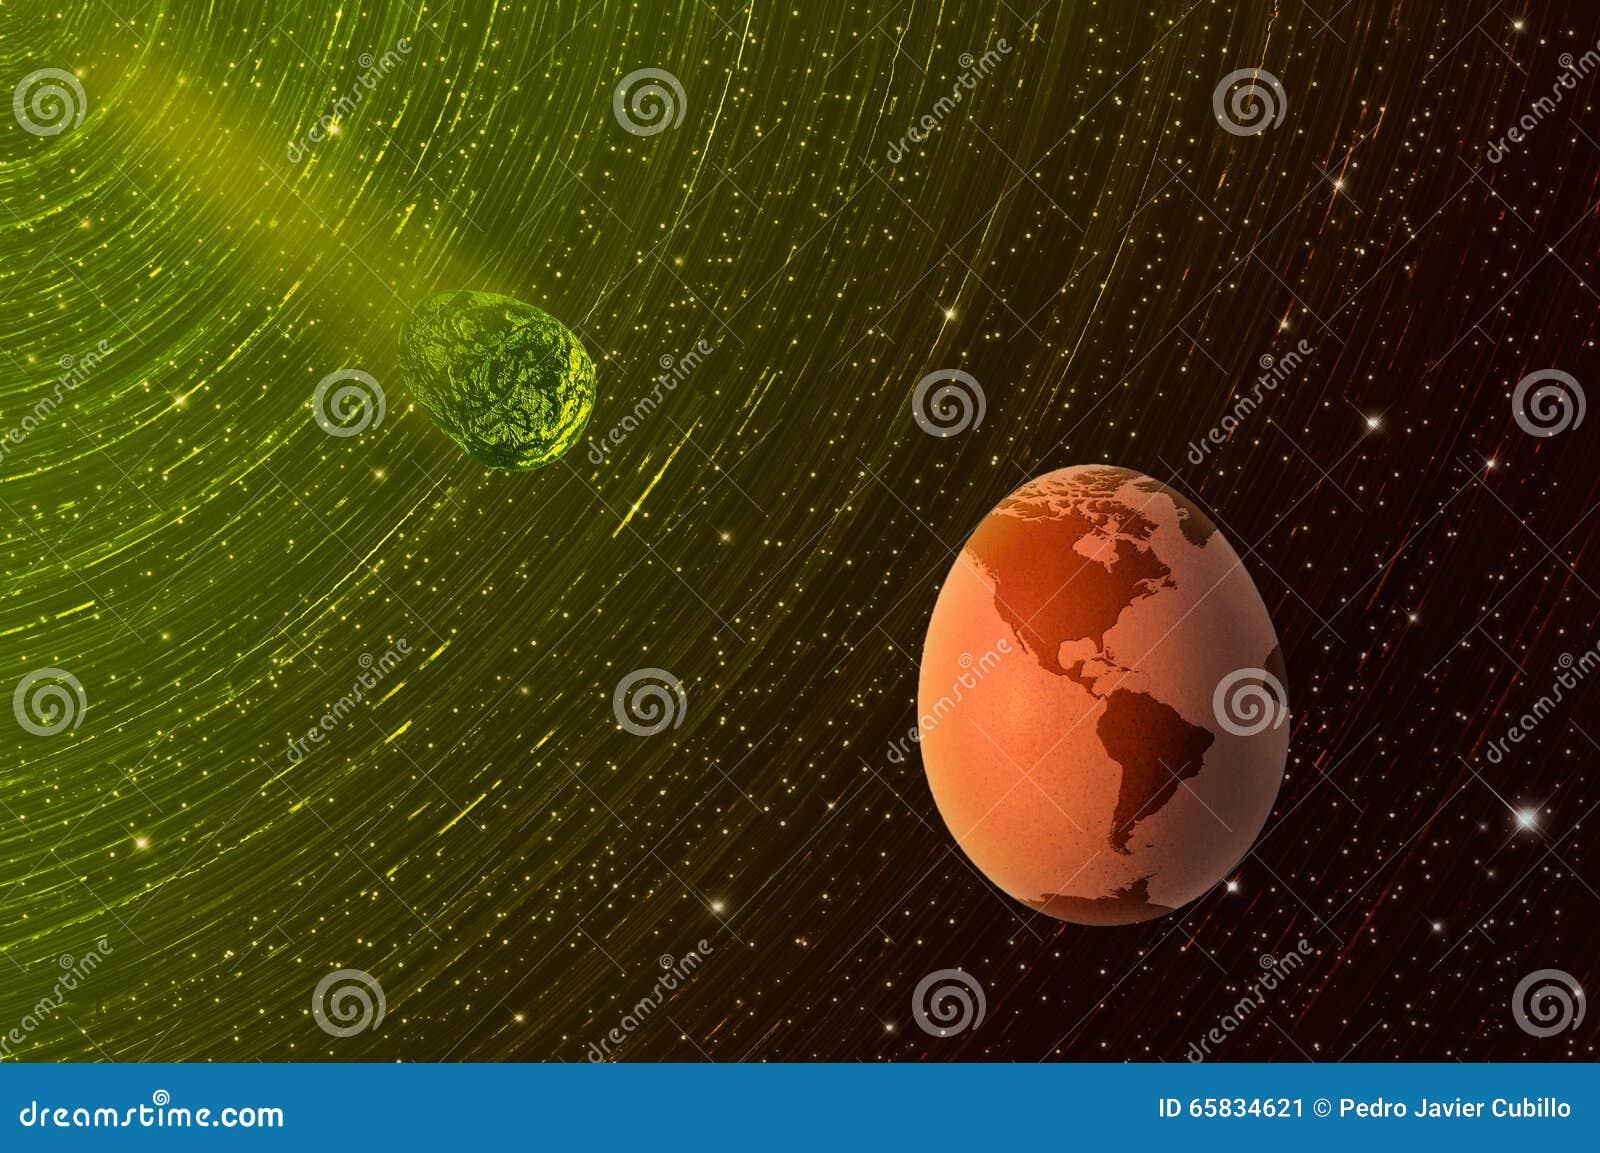 Αντίκτυπος μετεωριτών ο εύθραυστος πλανήτης Γη μας φαντασία ή πραγματική απειλή;